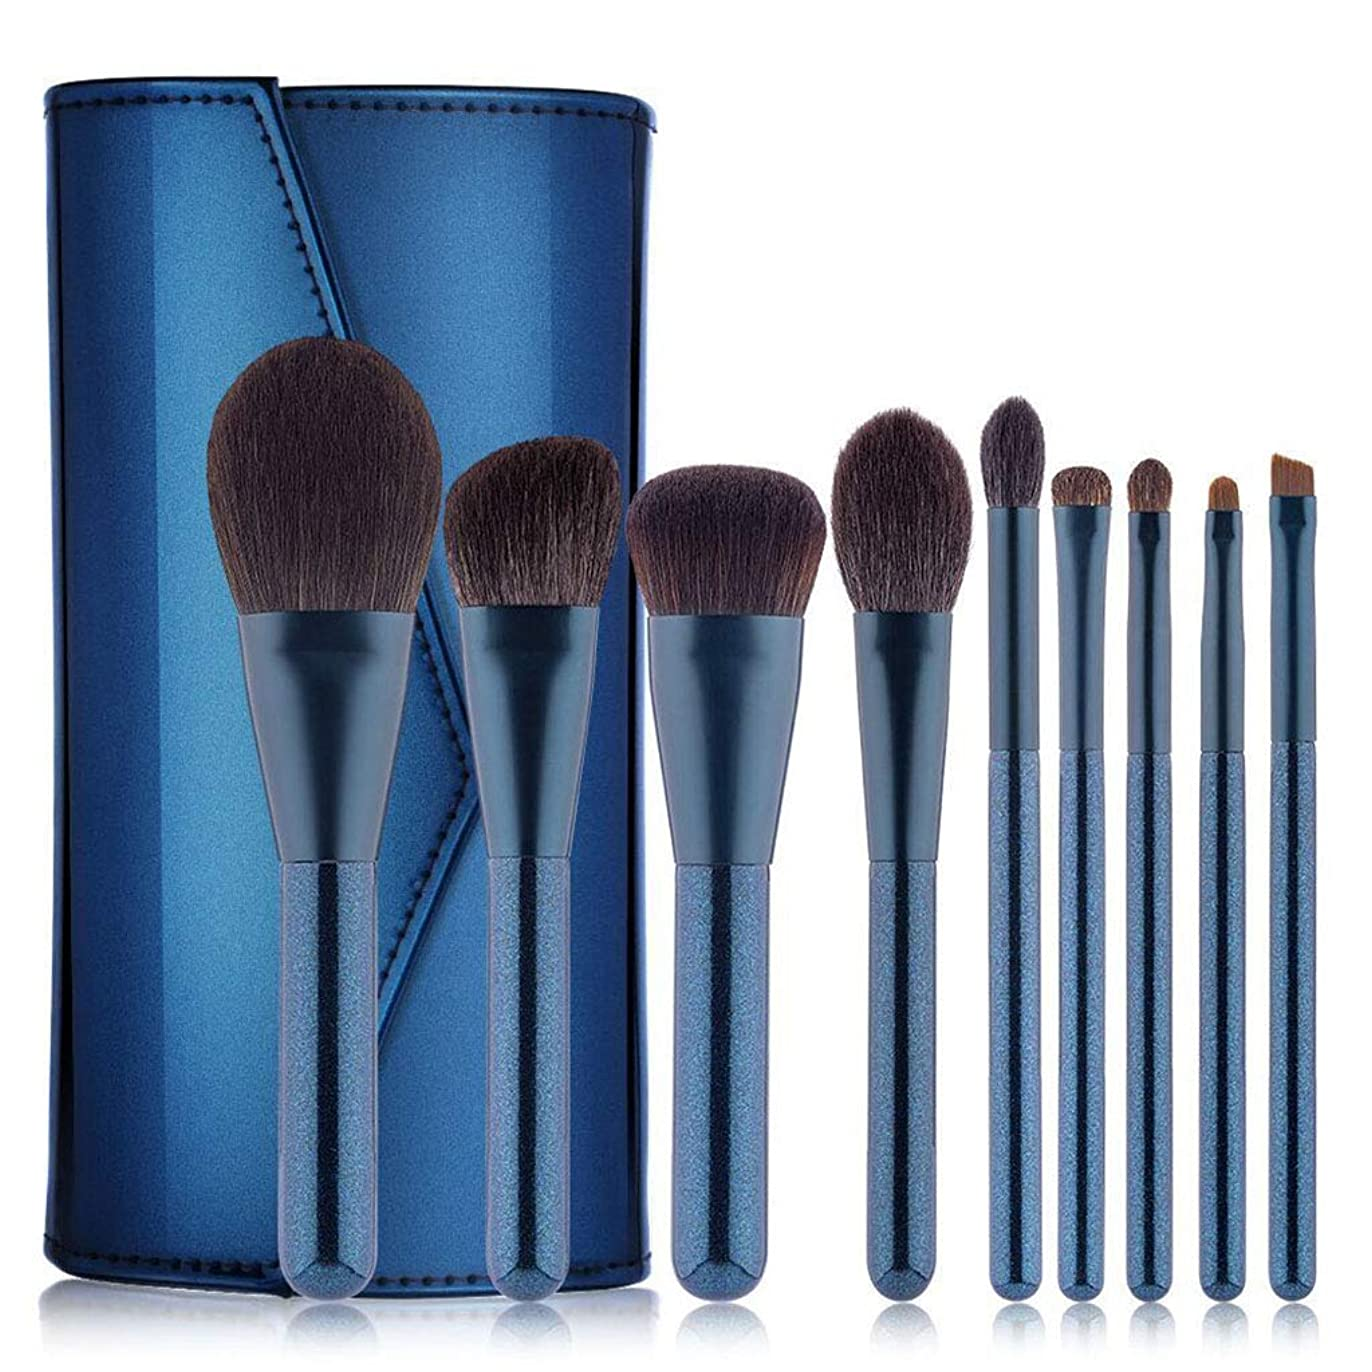 ラッドヤードキップリングメルボルン改修9ブルー化粧ブラシ美容化粧アイシャドウブラシファンデーションブラシ